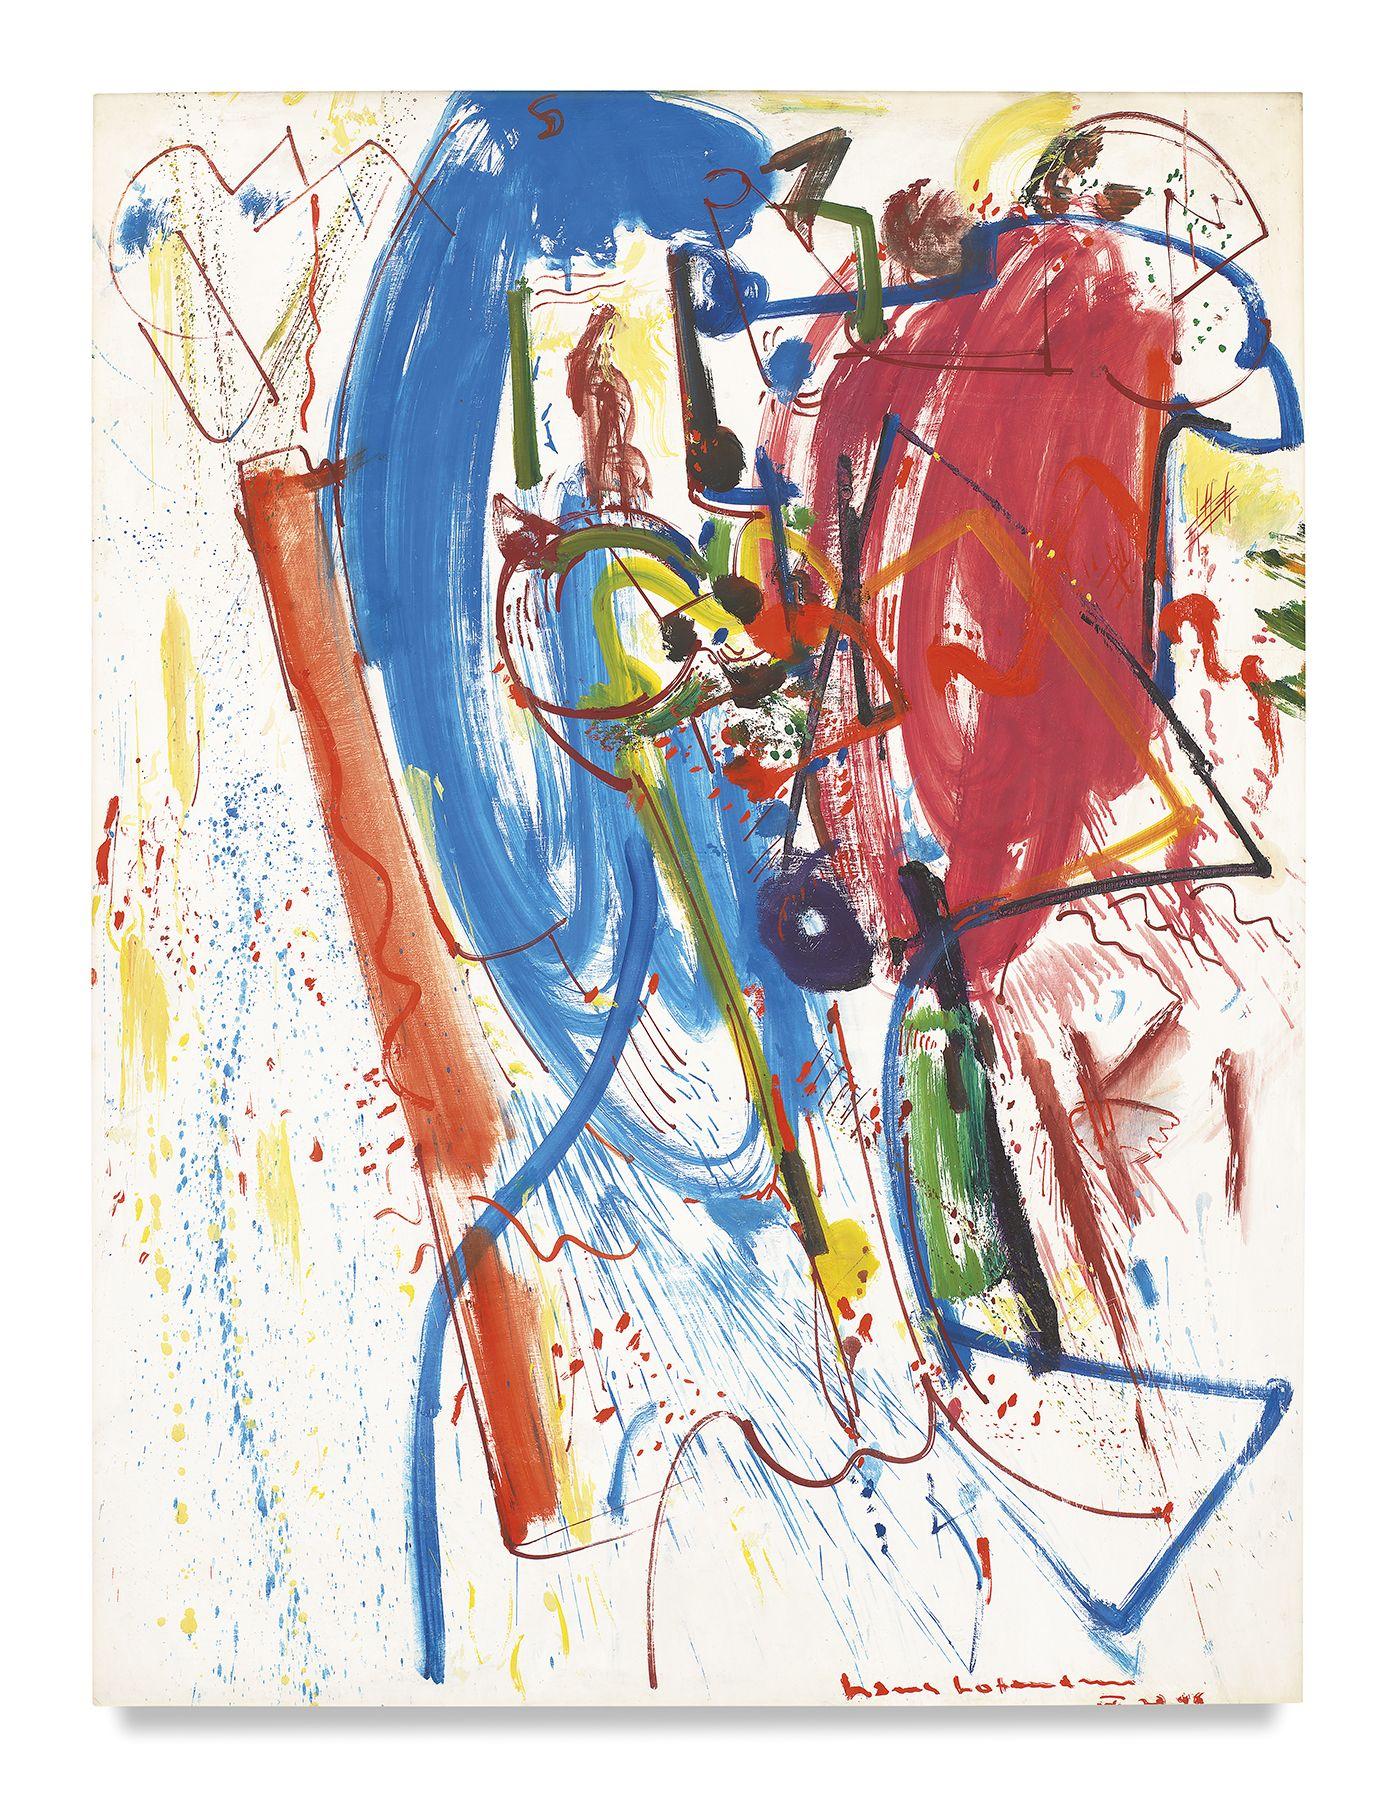 Hans Hofmann, La Révision, 1946, Oil on panel, 41 1/2 x 32 1/2 inches, 105.4 x 82.6 cm, MMG#1477,